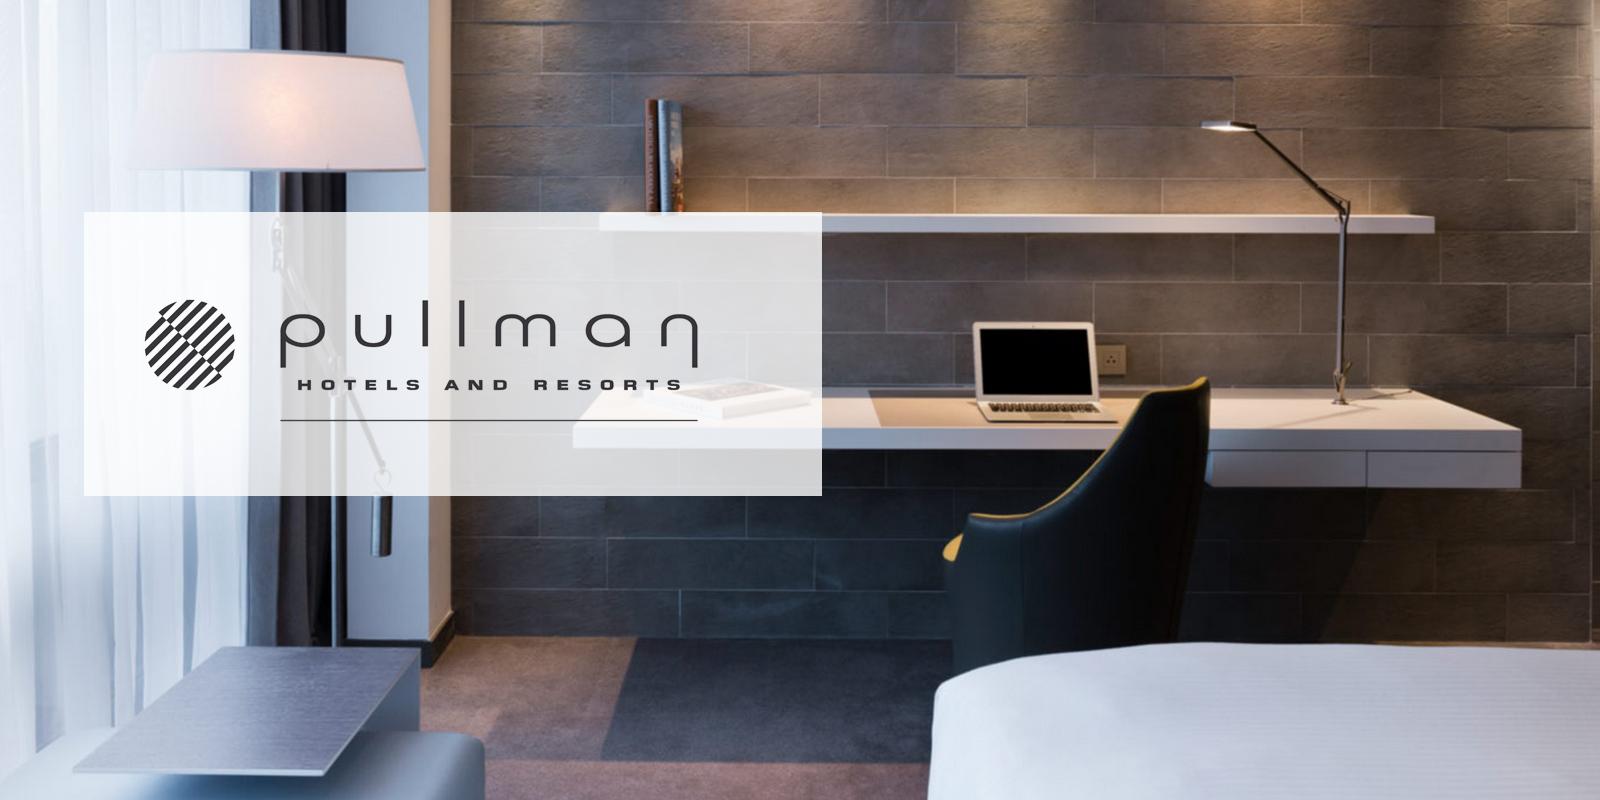 [Expérience Client] Pullman joue la carte de la connectivité